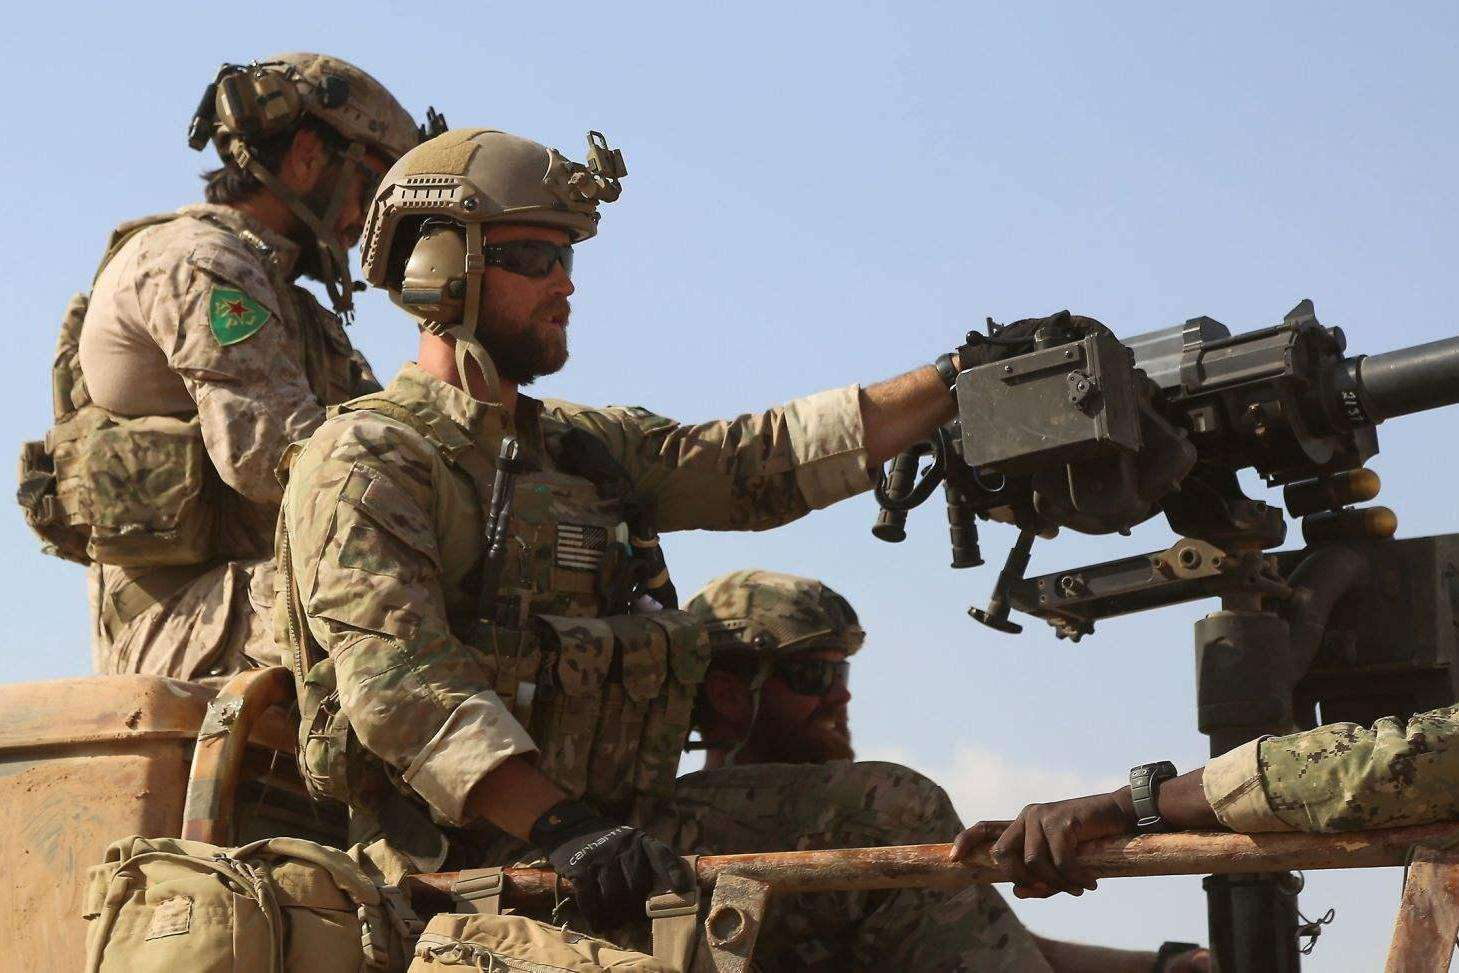 美出动海豹突击队,伊朗副司令身亡,身边8名俄保镖无一幸免插图(1)